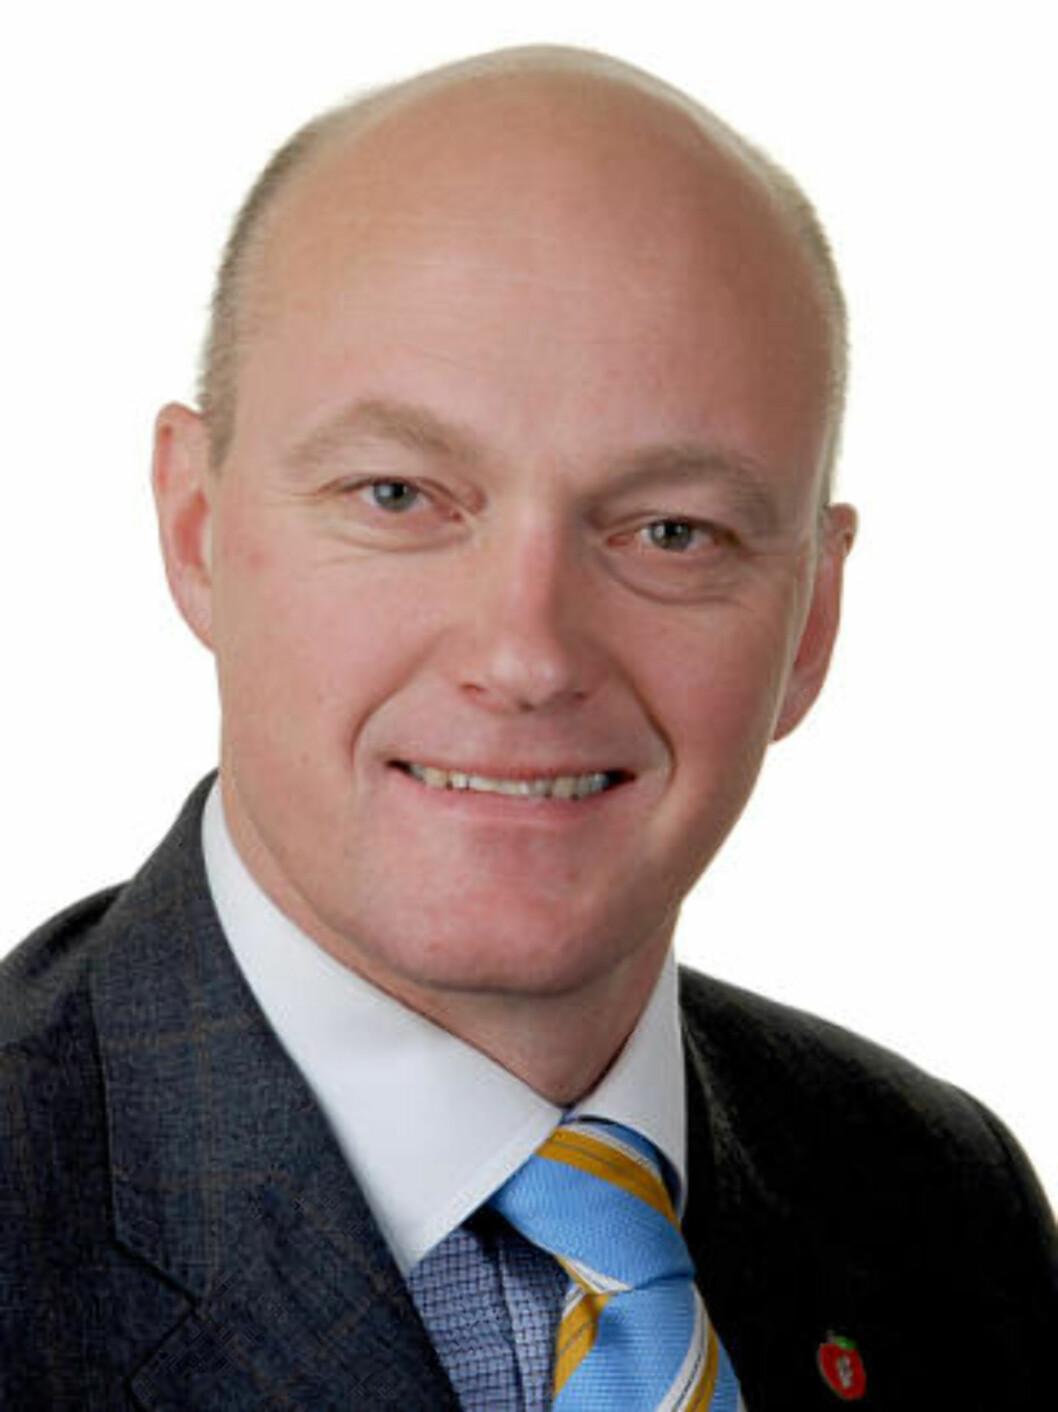 <strong>KRITISERER:</strong> Stortingsrepresentant og medlem av Justiskomiteen, Hans Frode Asmyhr (Frp), er ikke imponert over regjeringens innsats for bortførte barn. Foto: Fremskrittspartiet